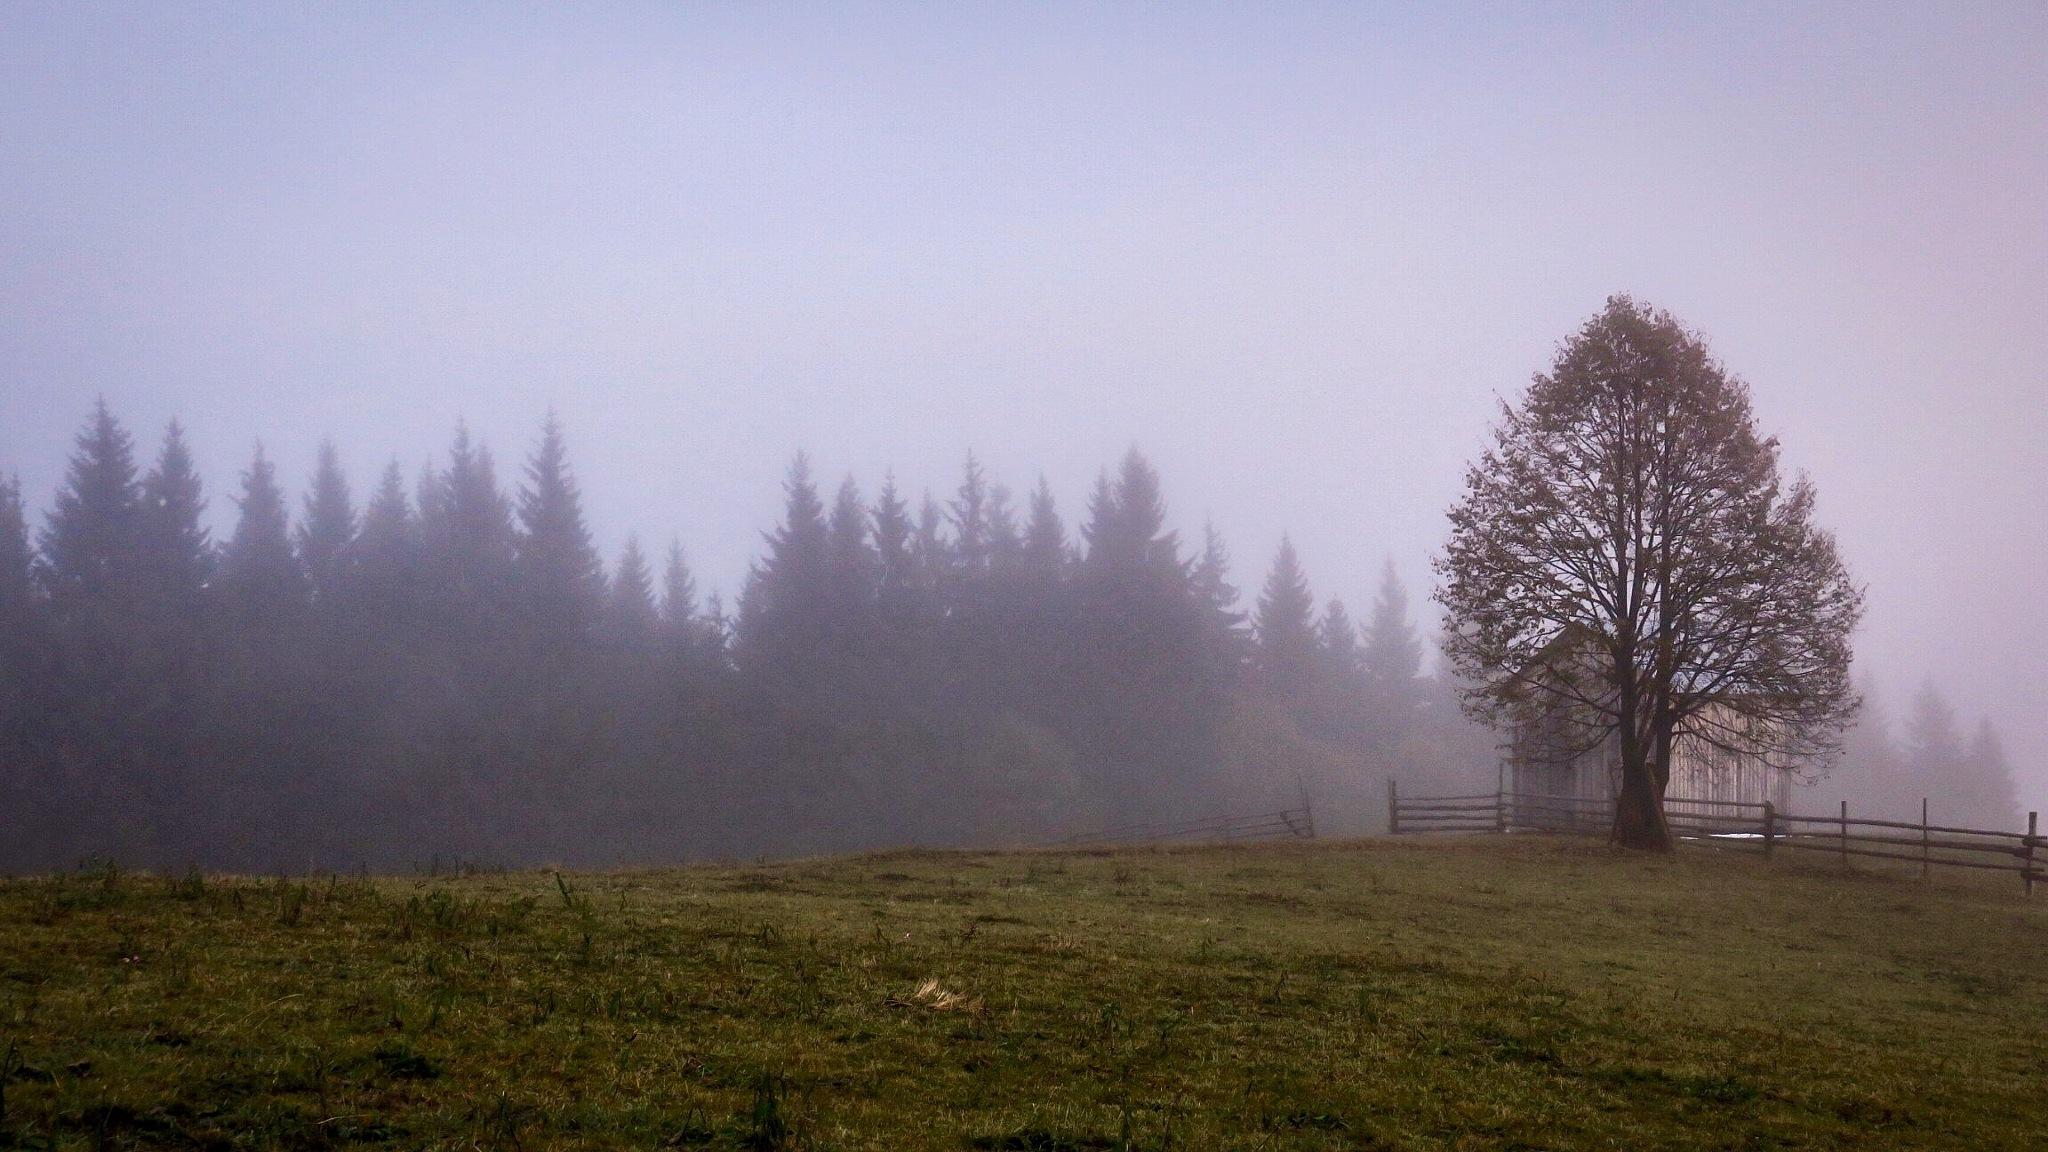 Foggy morning by Adi Gli